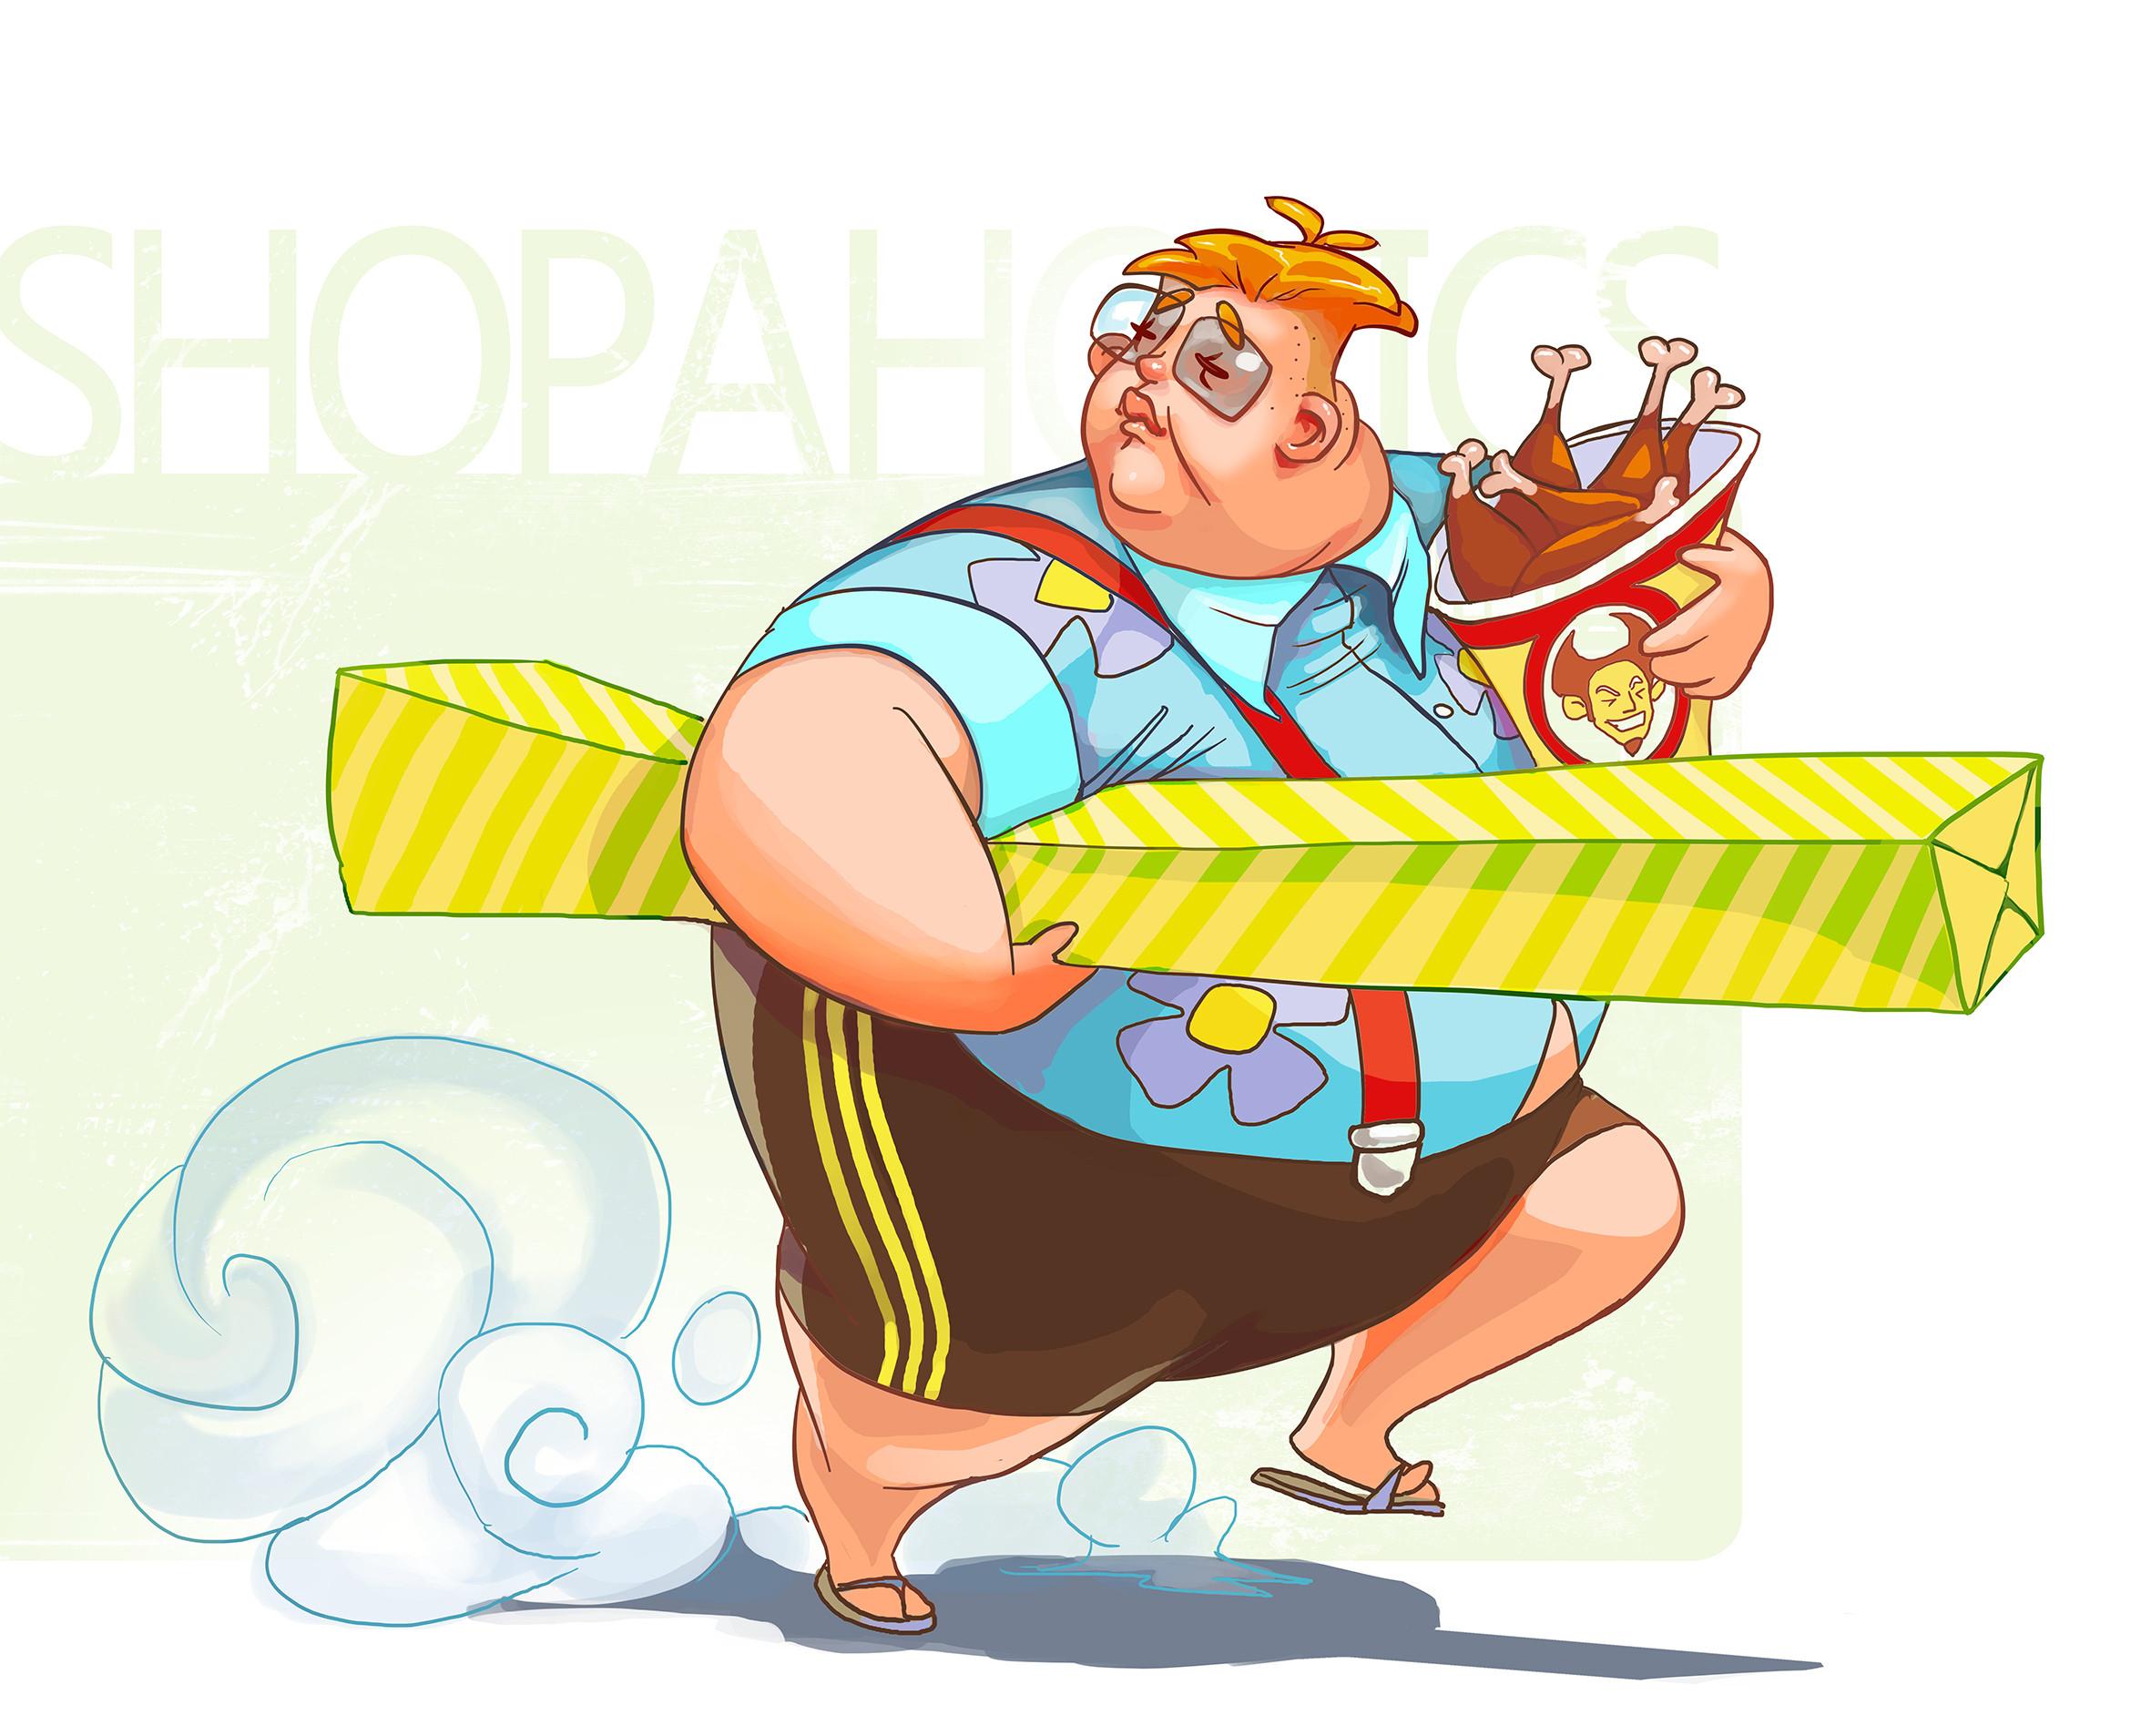 A fat guy